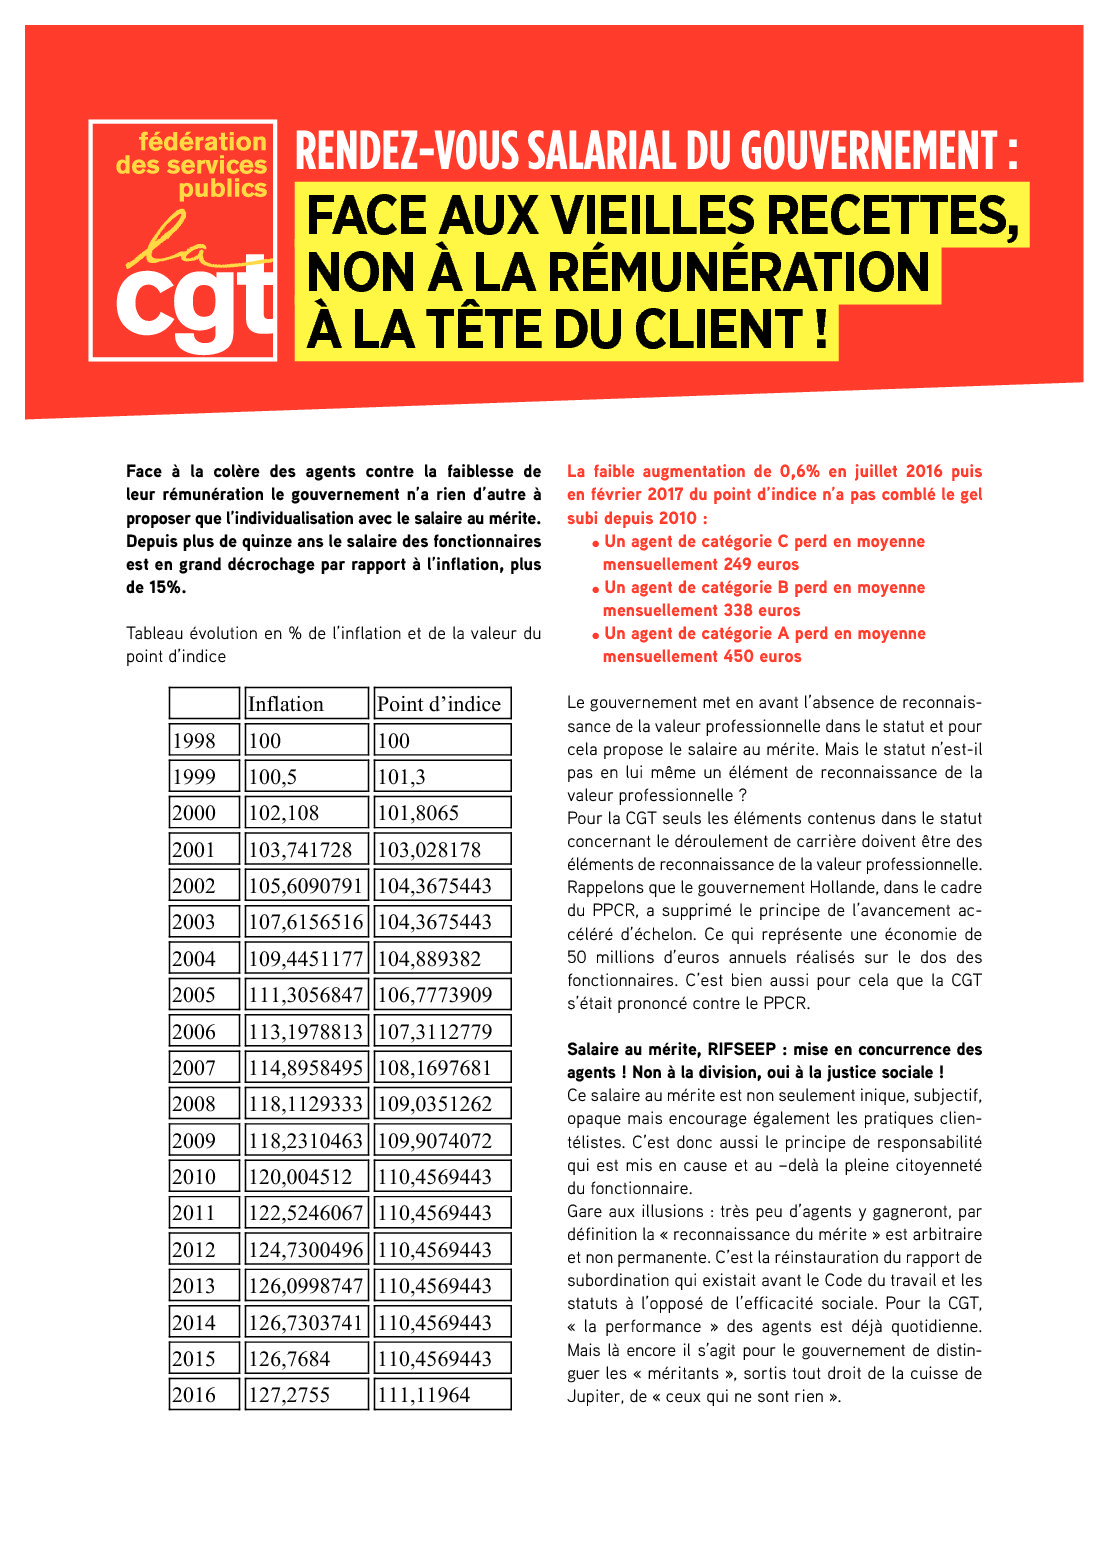 Fonction Publique Non A La Remuneration A La Tete Du Client